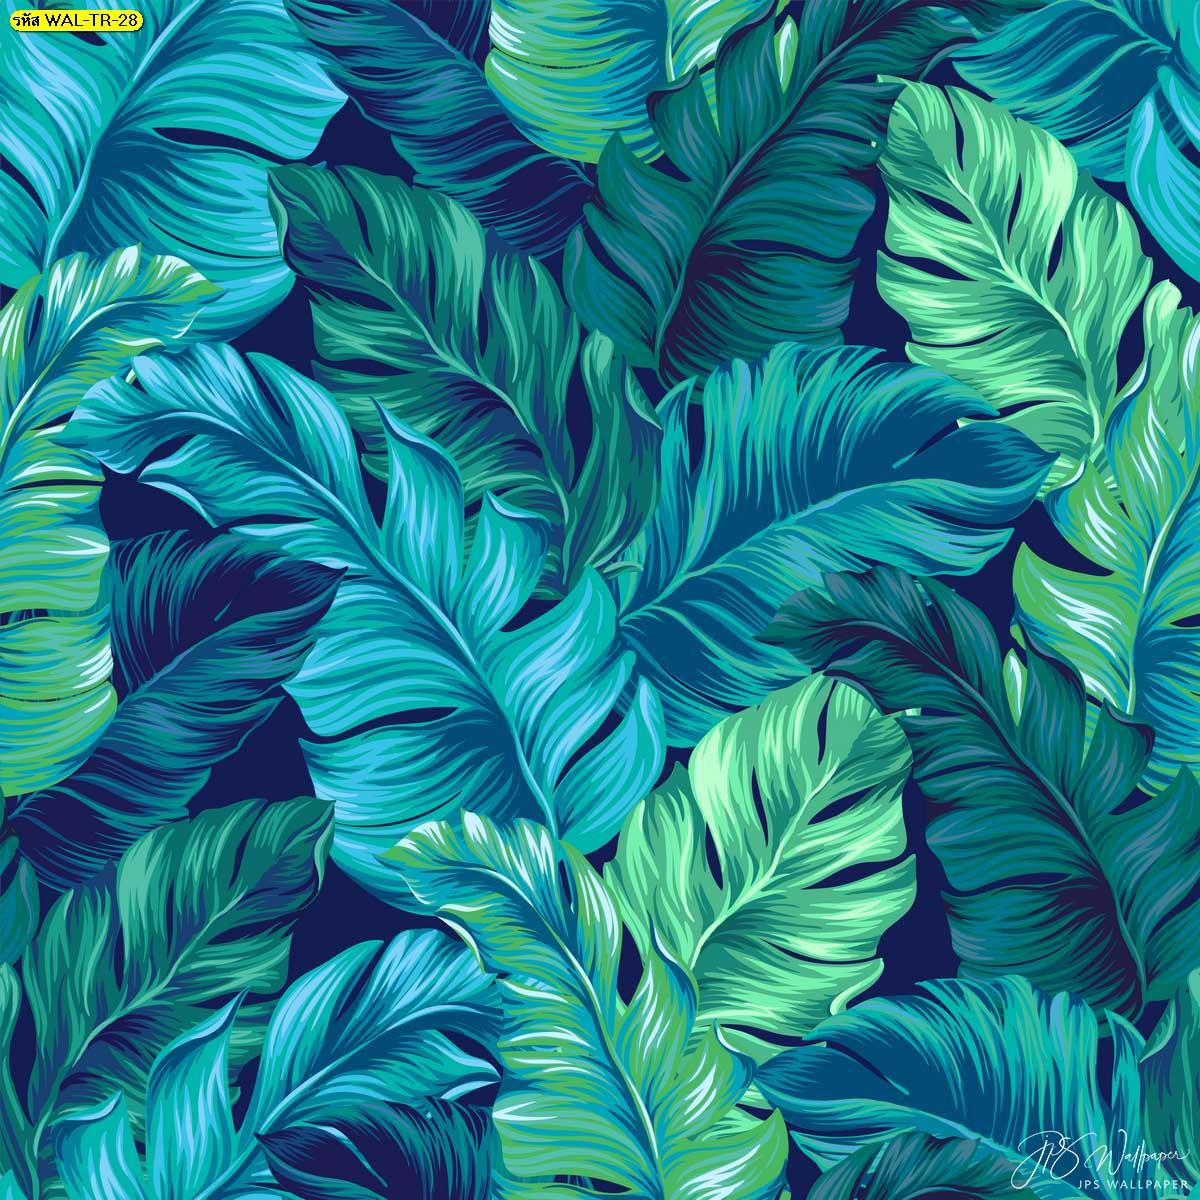 วอลเปเปอร์ติดผนังลายใบตองสีเขียวพริ้วๆ ไอเดียแต่งผนังด้วยวอลเปเปอร์ลายธรรมชาติ